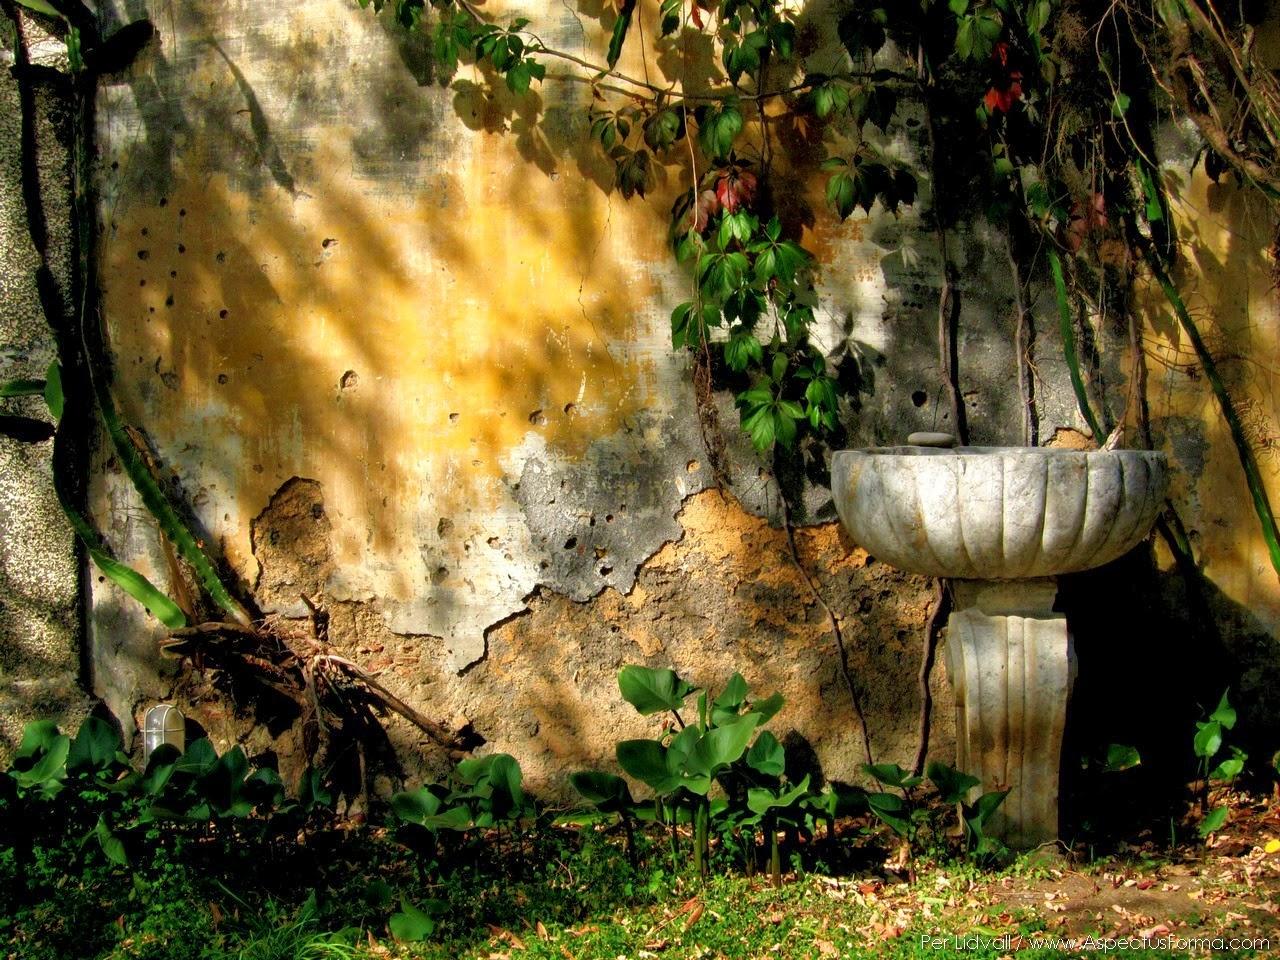 LEUFSTA 3 SOUTH: Azienda Trinita, a Sicilian Garden of Eden